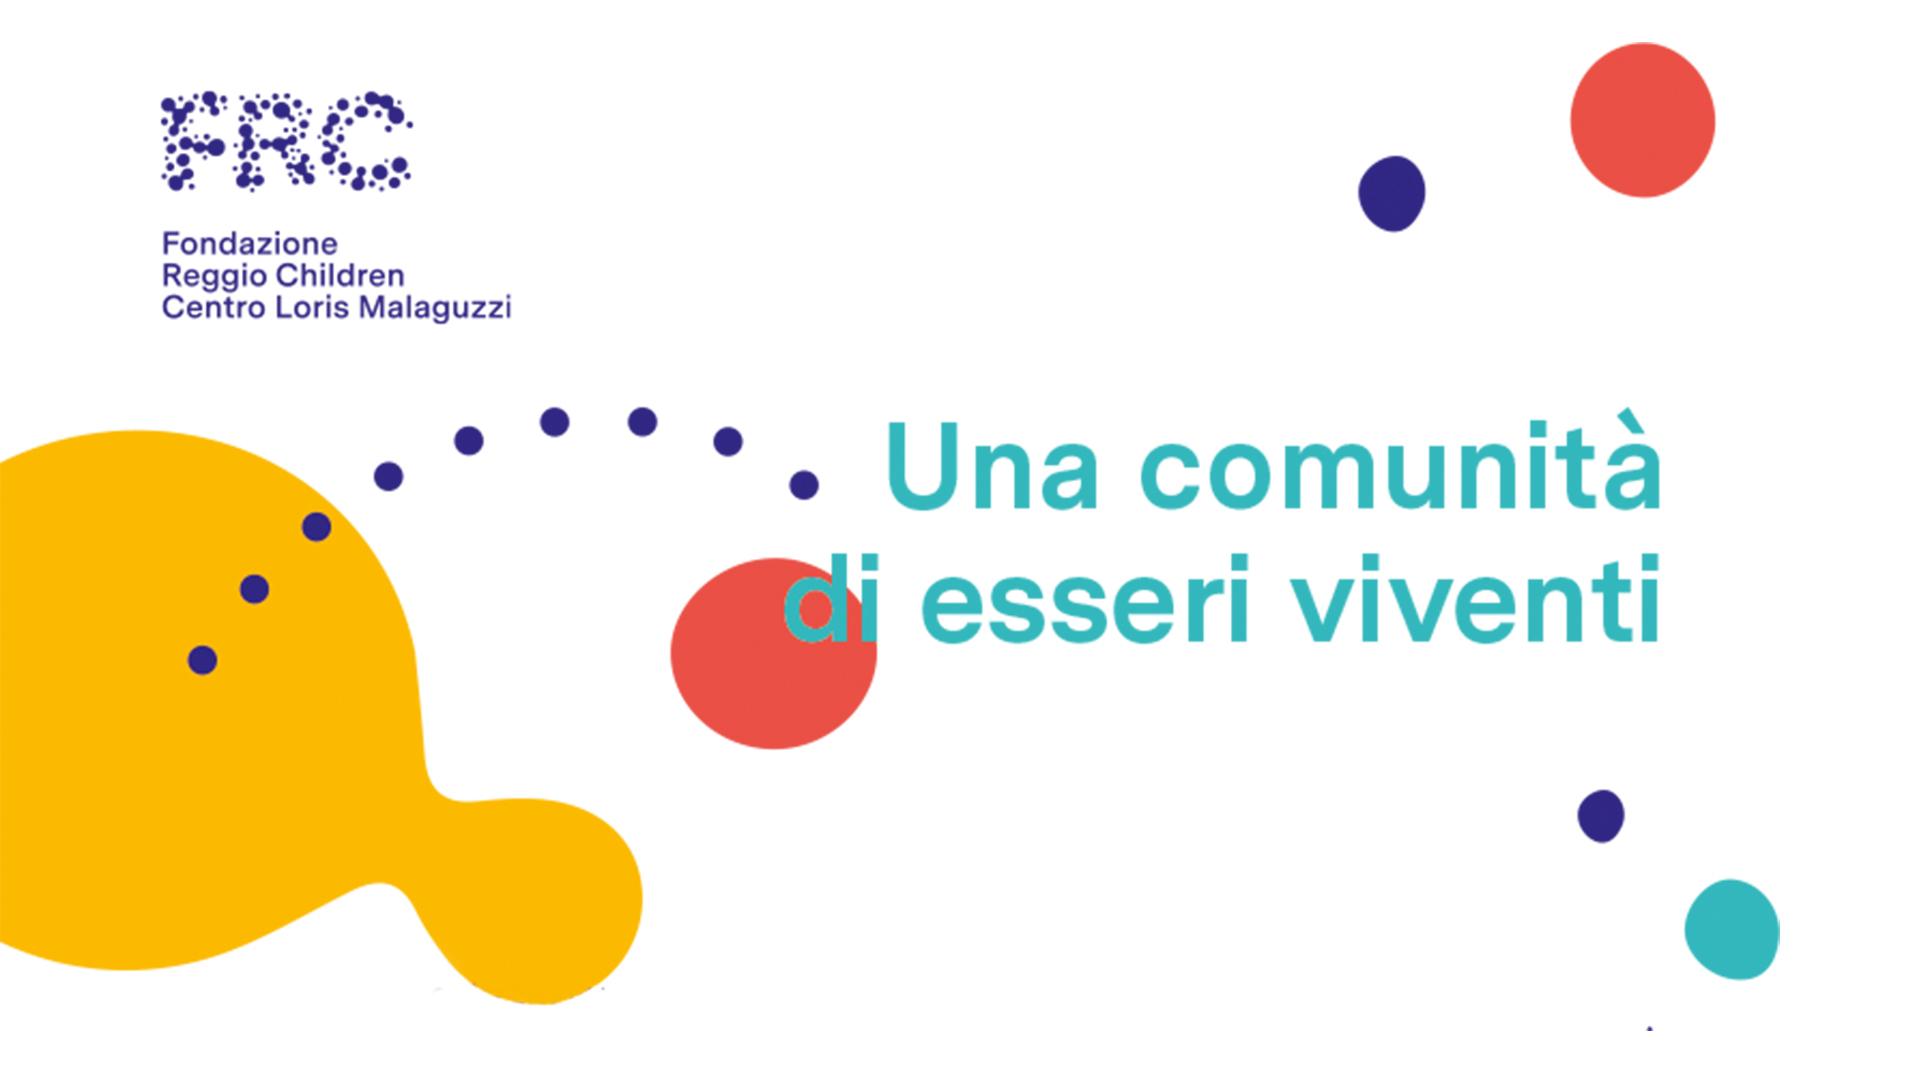 """Fondazione Reggio Children porta ai Chiostri """"Una comunità di esseri viventi"""" per festeggiare 10 anni di attività"""